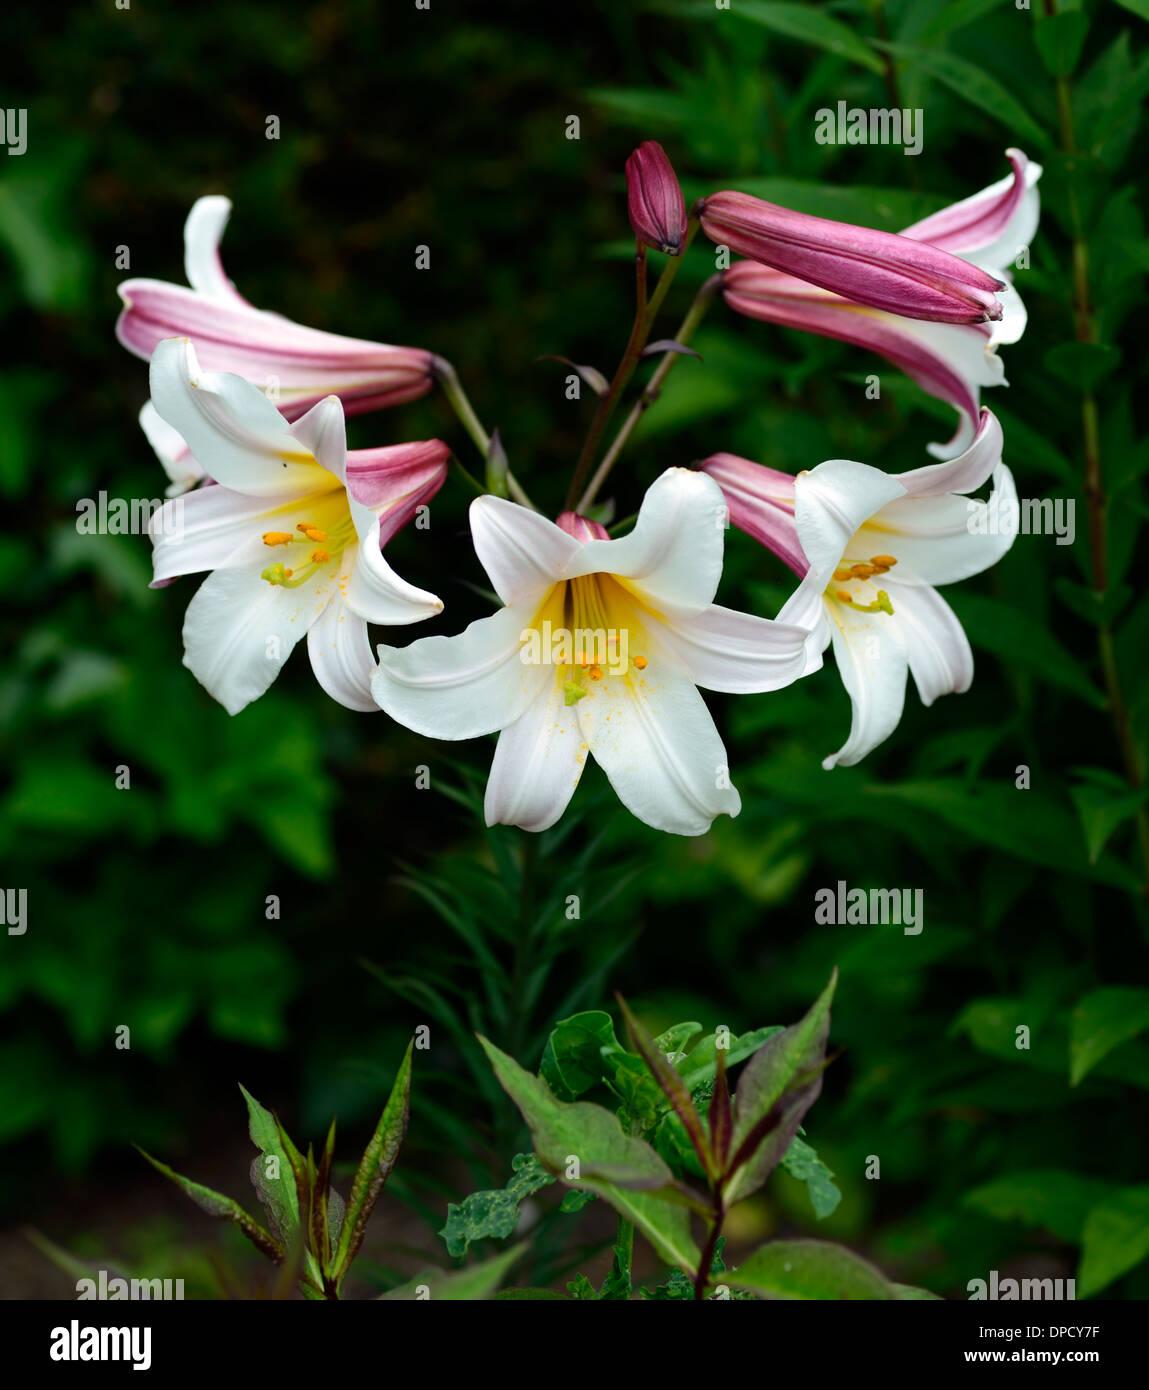 El Lilium regale regal lily lilium blanco trompeta flores flores flores flores fragantes aromas perfumados con fragancia Foto de stock